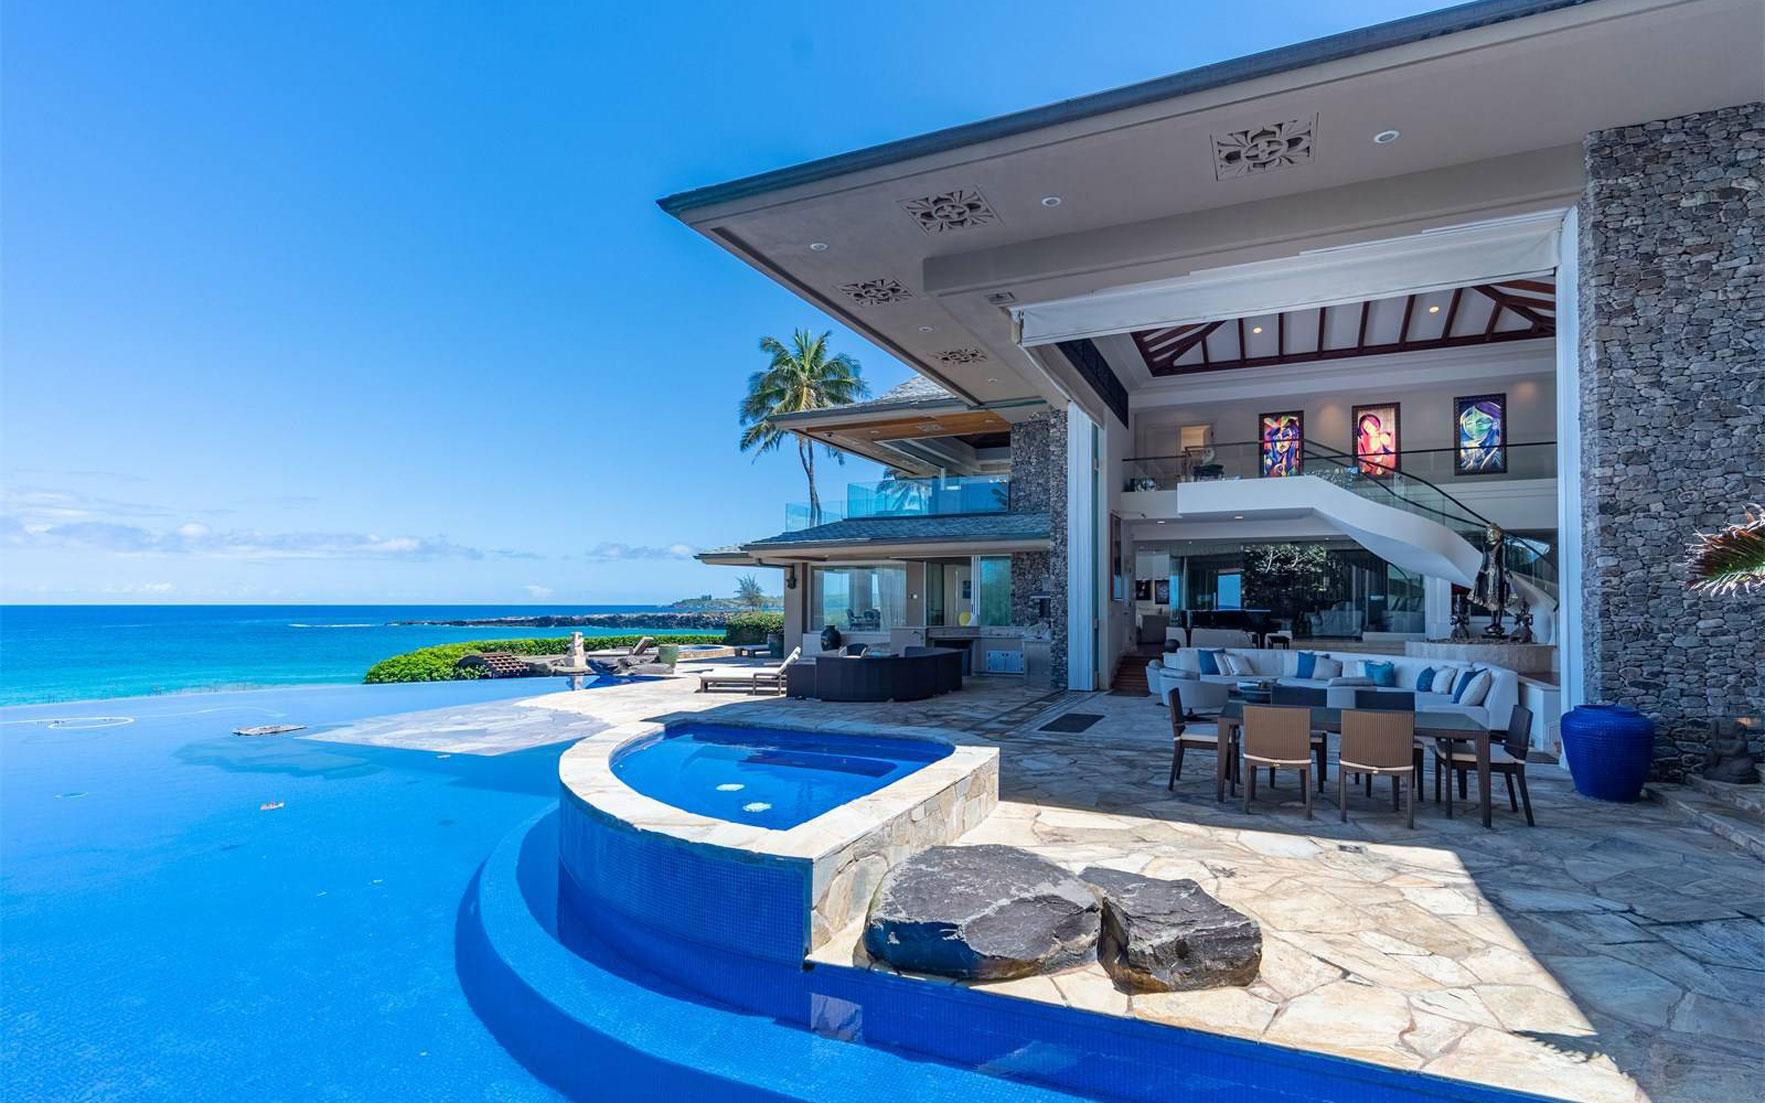 Luxury Living Indoor Outdoor Living | Christie's on Fancy Outdoor Living id=70599